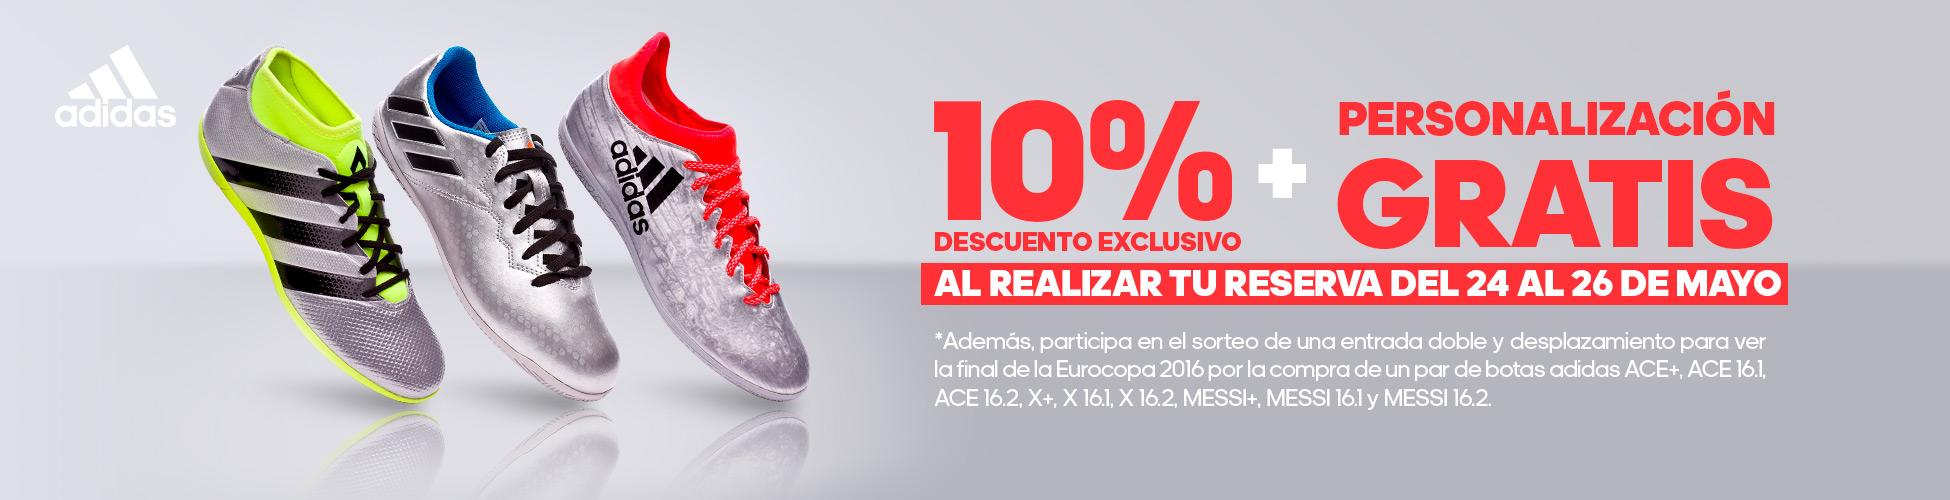 Mercury Pack adidas FutSal ES